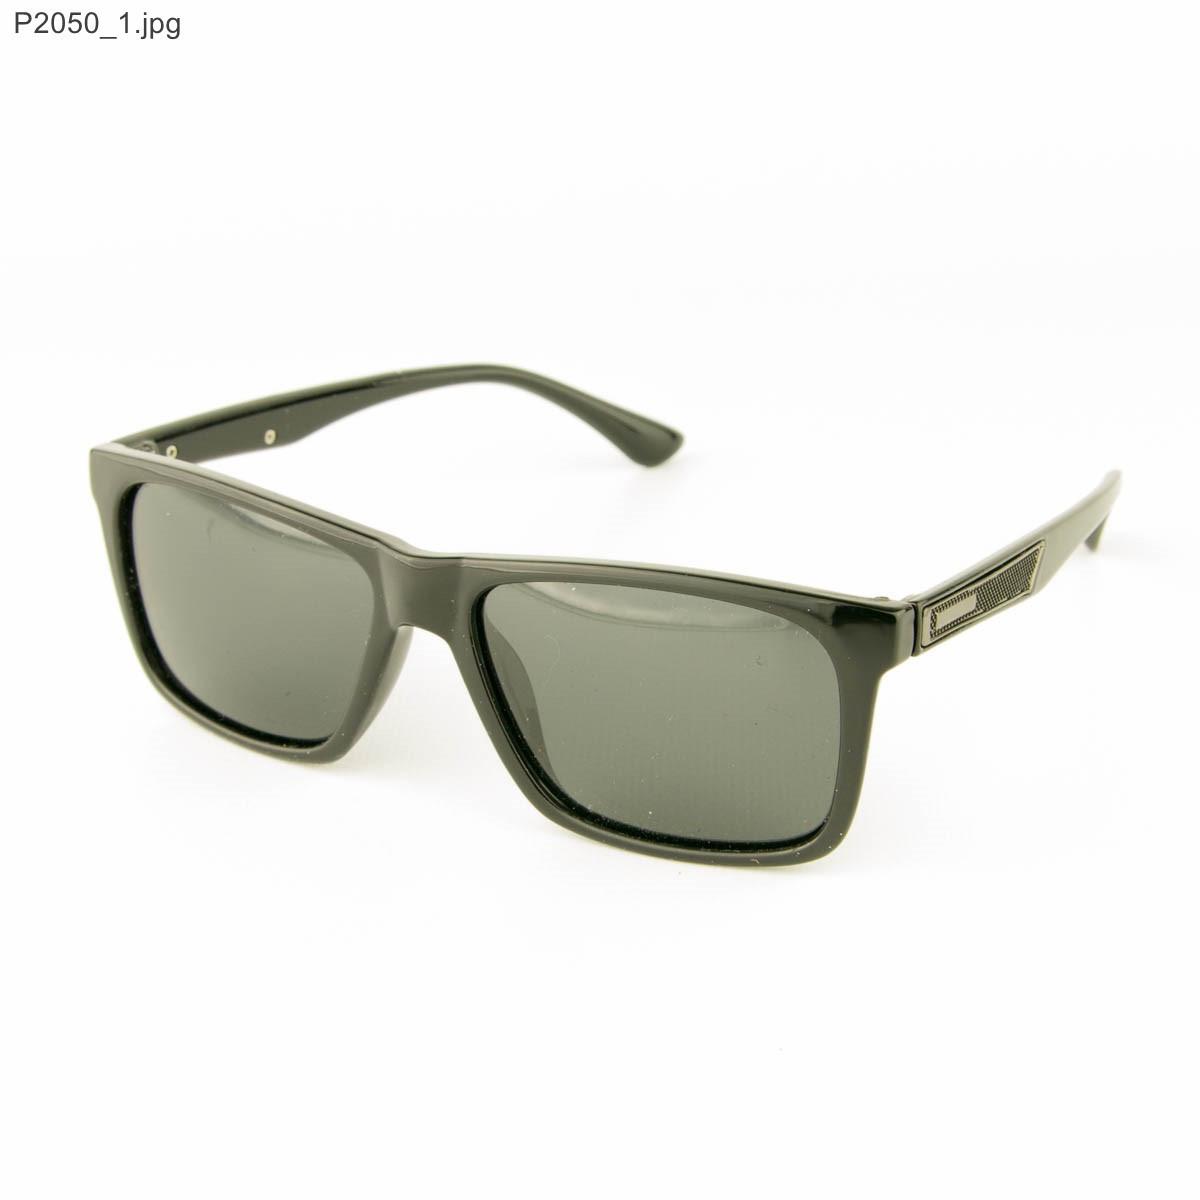 Оптом мужские солнцезащитные очки поляризационные - Черные - P2050